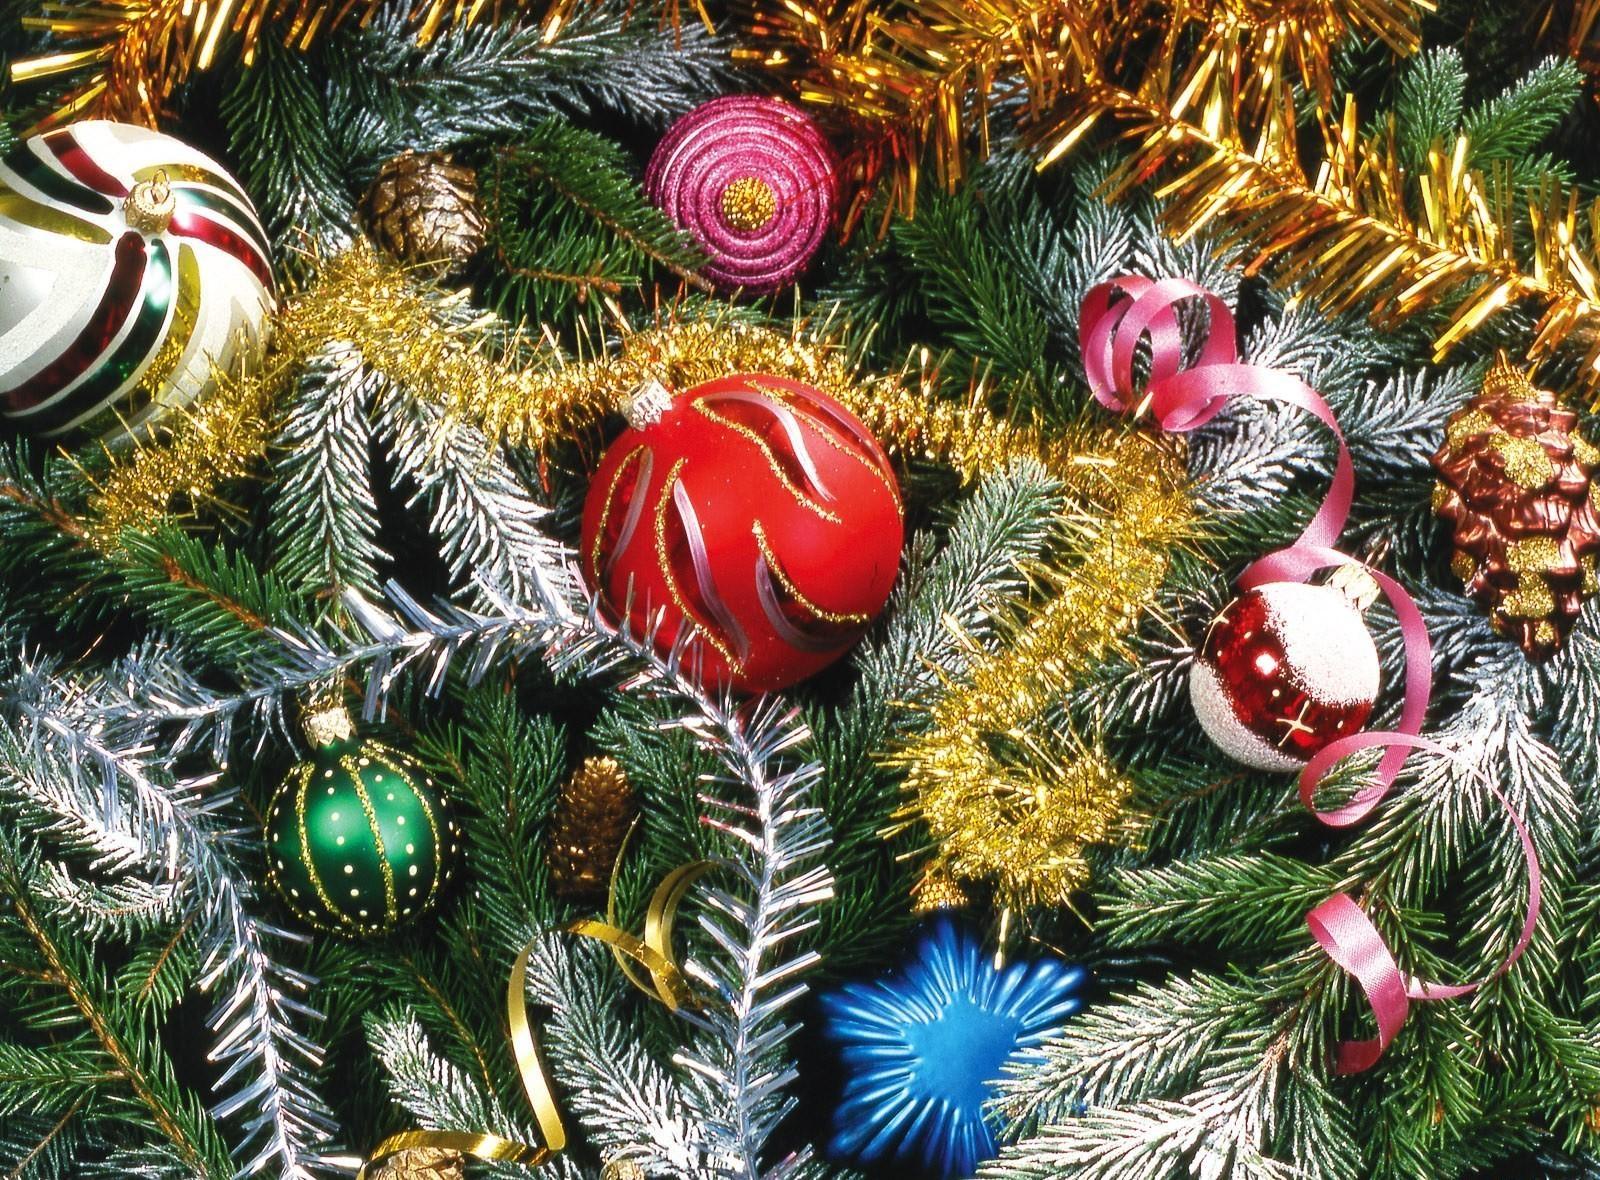 светлое пятно новый год елки игрушки фото на телефон рекомендуется распечатать